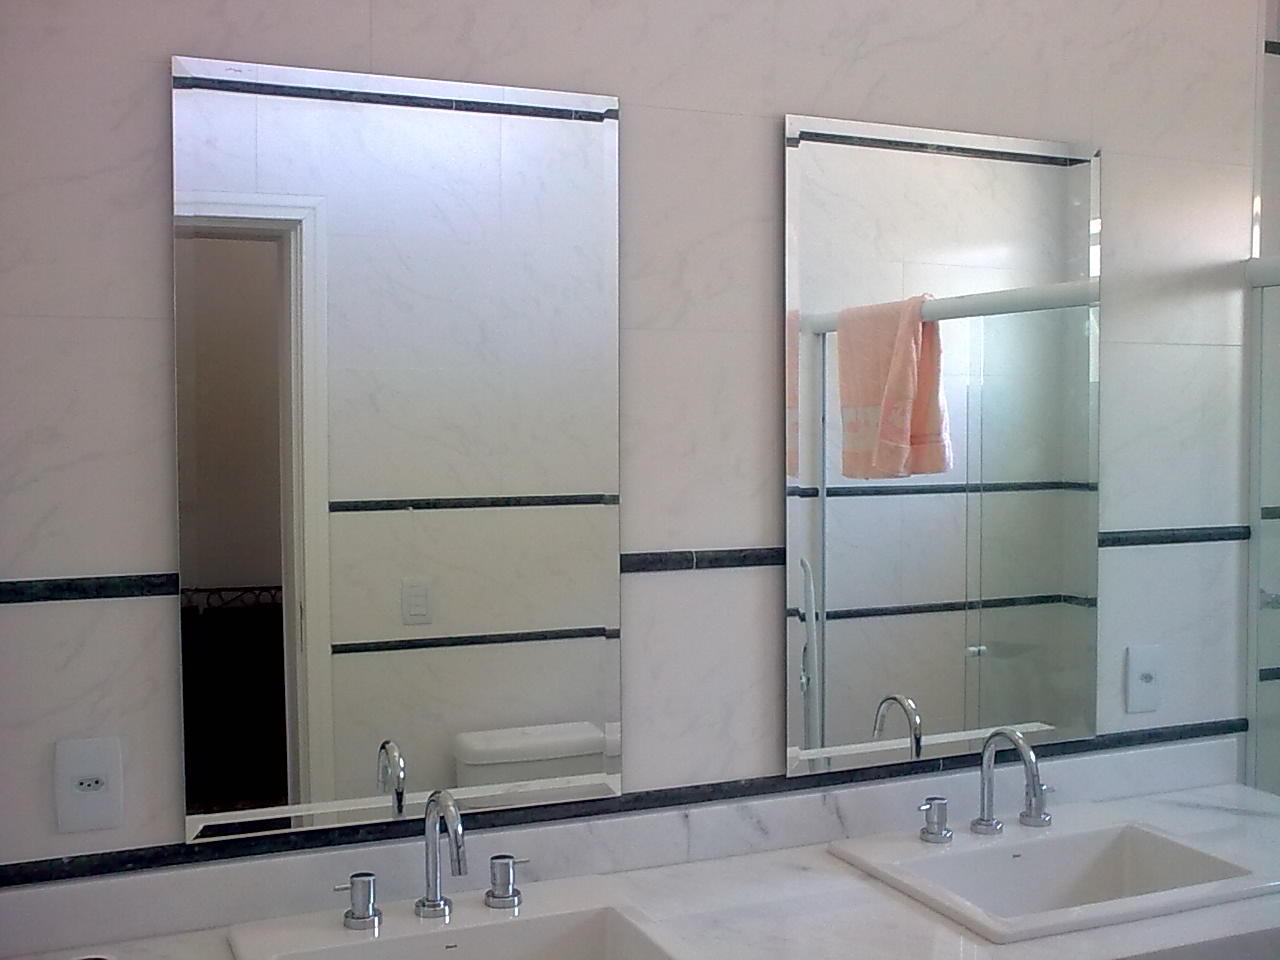 de vidro espelhos box para banheiro e vidros comuns: paineis de #585E73 1280x960 Banheiro Com Parede De Vidro Para O Quarto